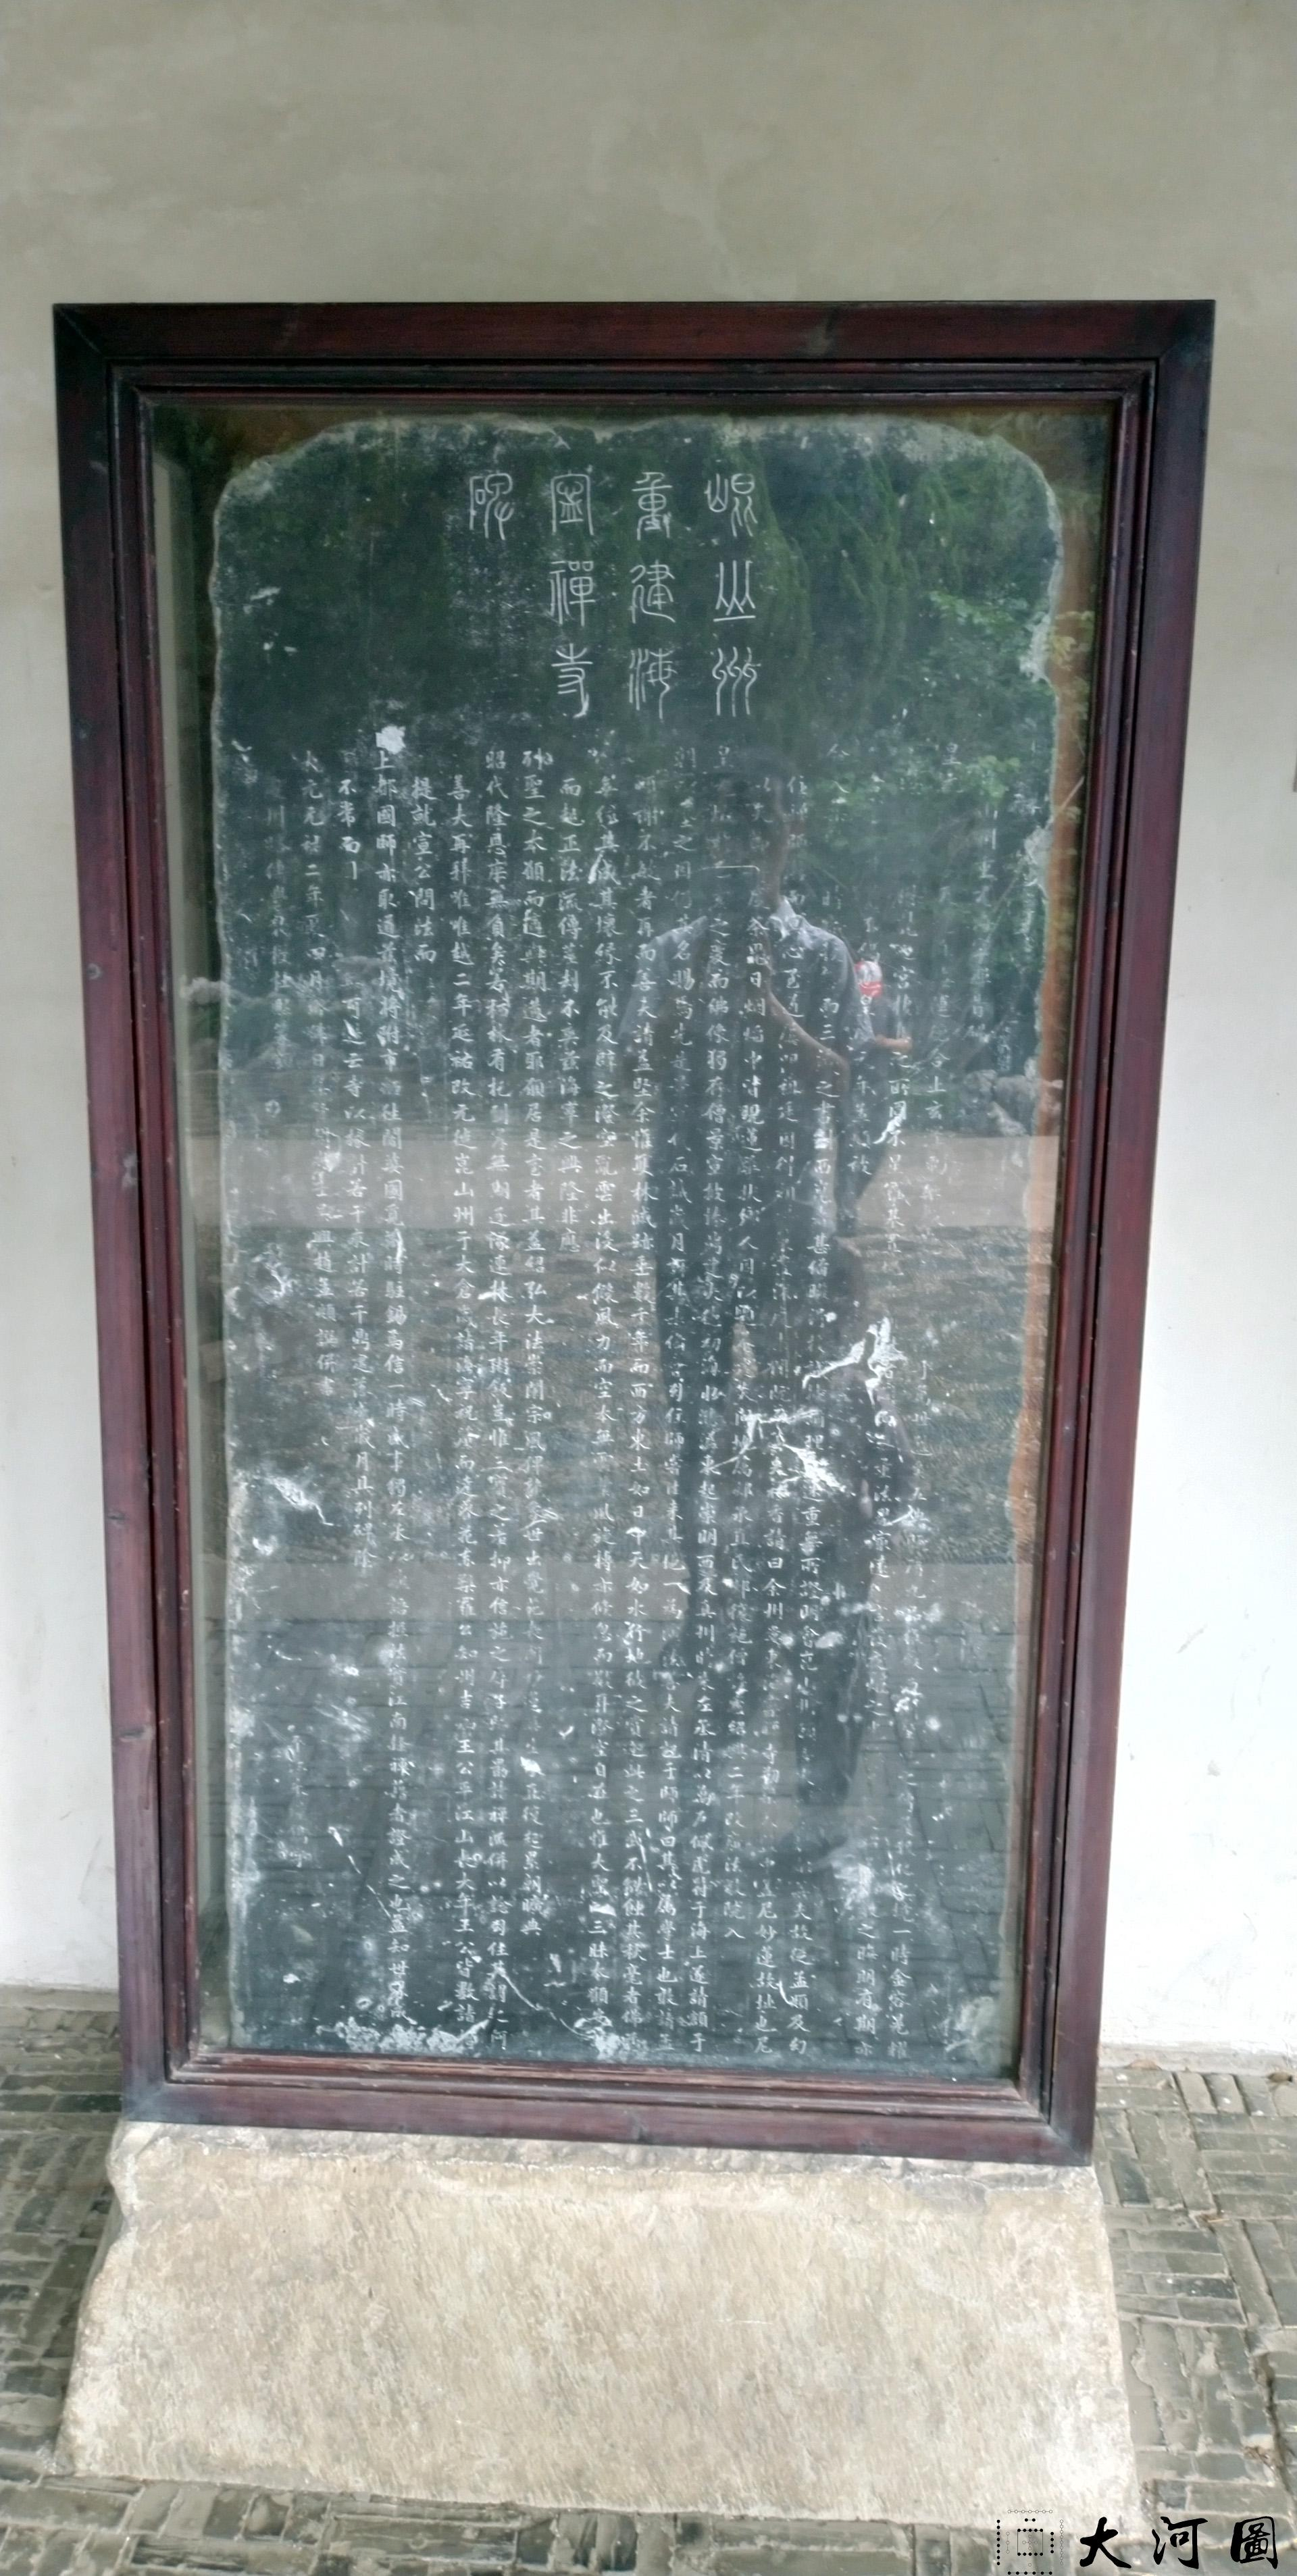 太仓弇山园石刻书法碑 石狮子 墨妙亭 这里是太仓 摄影 第21张